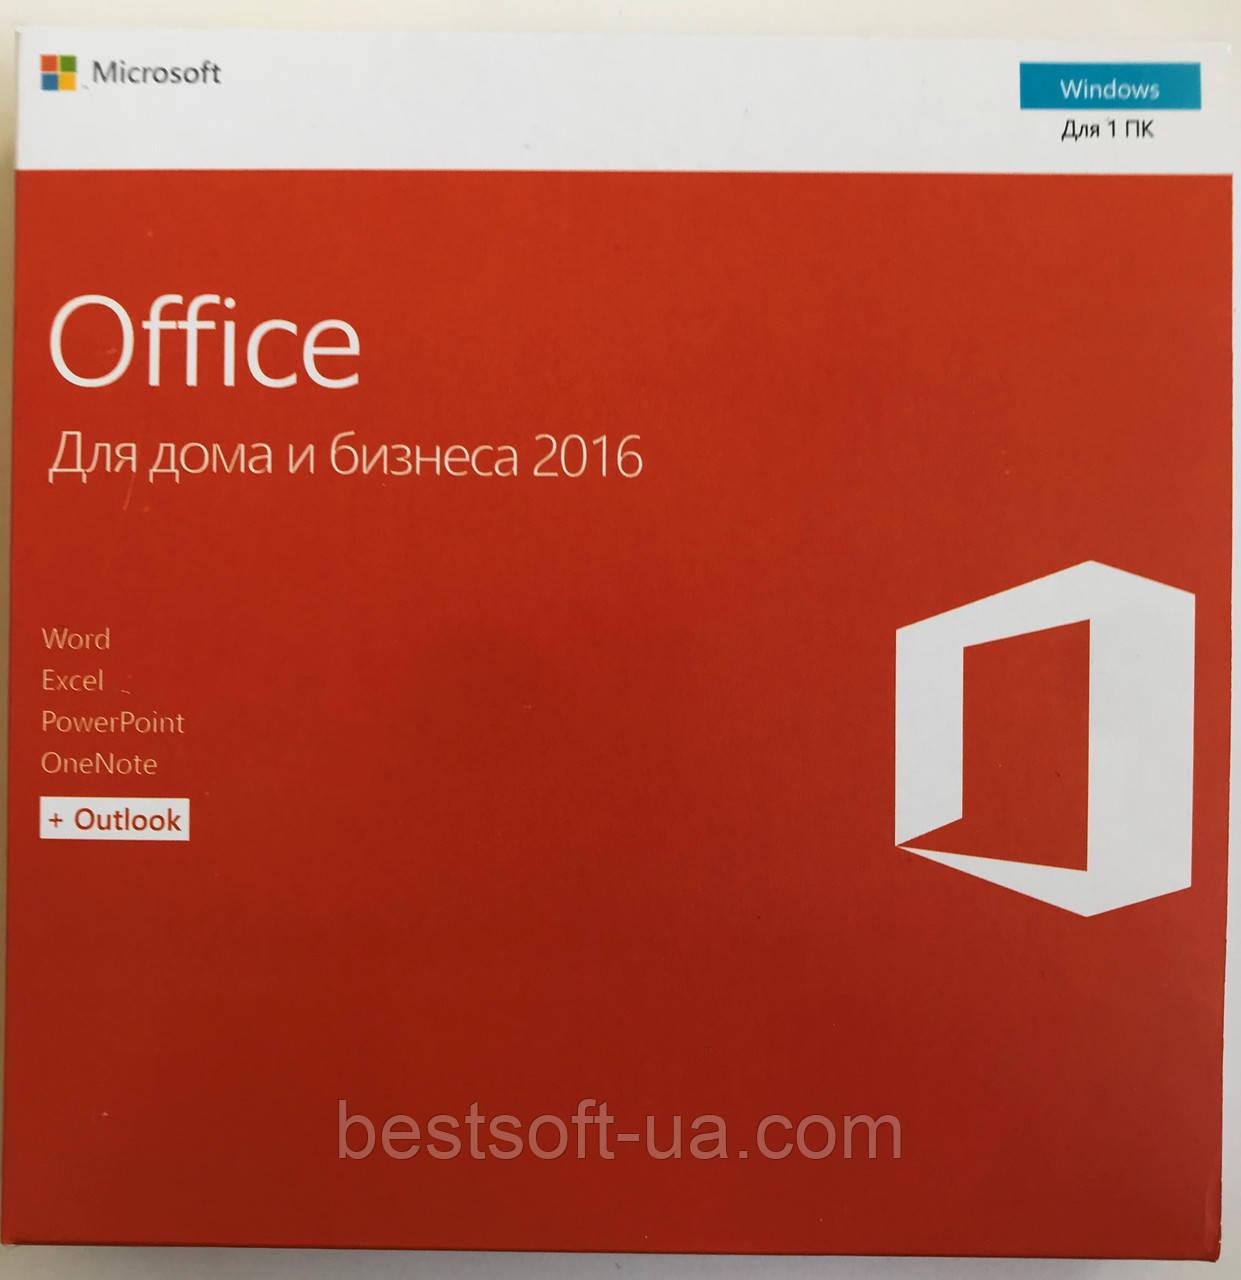 Лицензионный Microsoft Office 2016 для Дома И Бизнеса, RUS, Box-версия (T5D-02703) вскрытая упаковка, фото 1